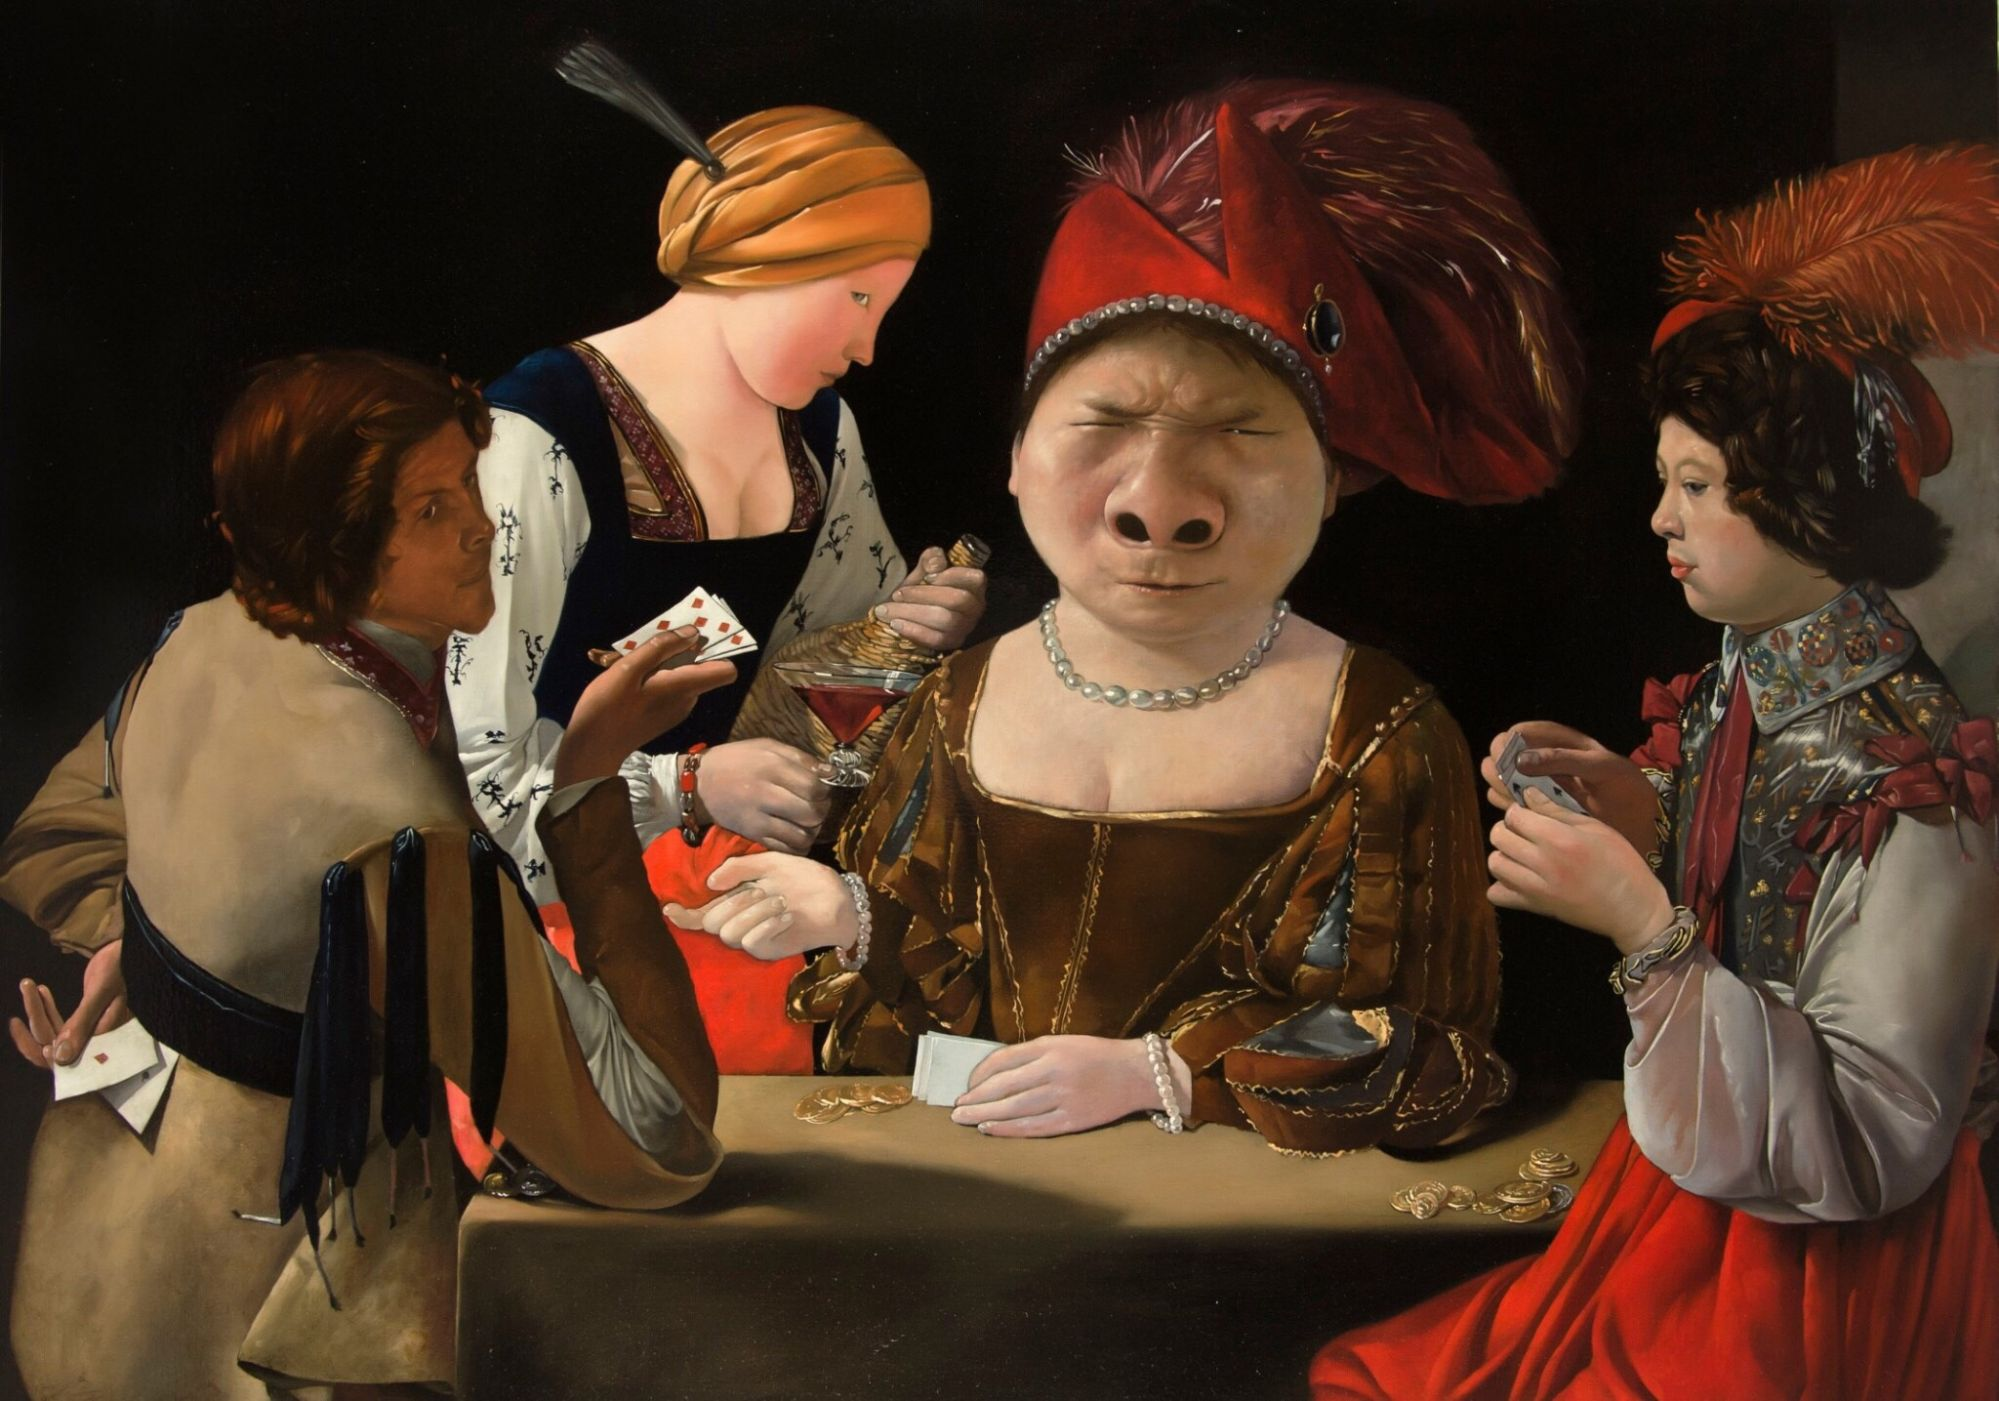 盧昉作品-被詐騙的大鼻子。(圖片由多納藝術提供)